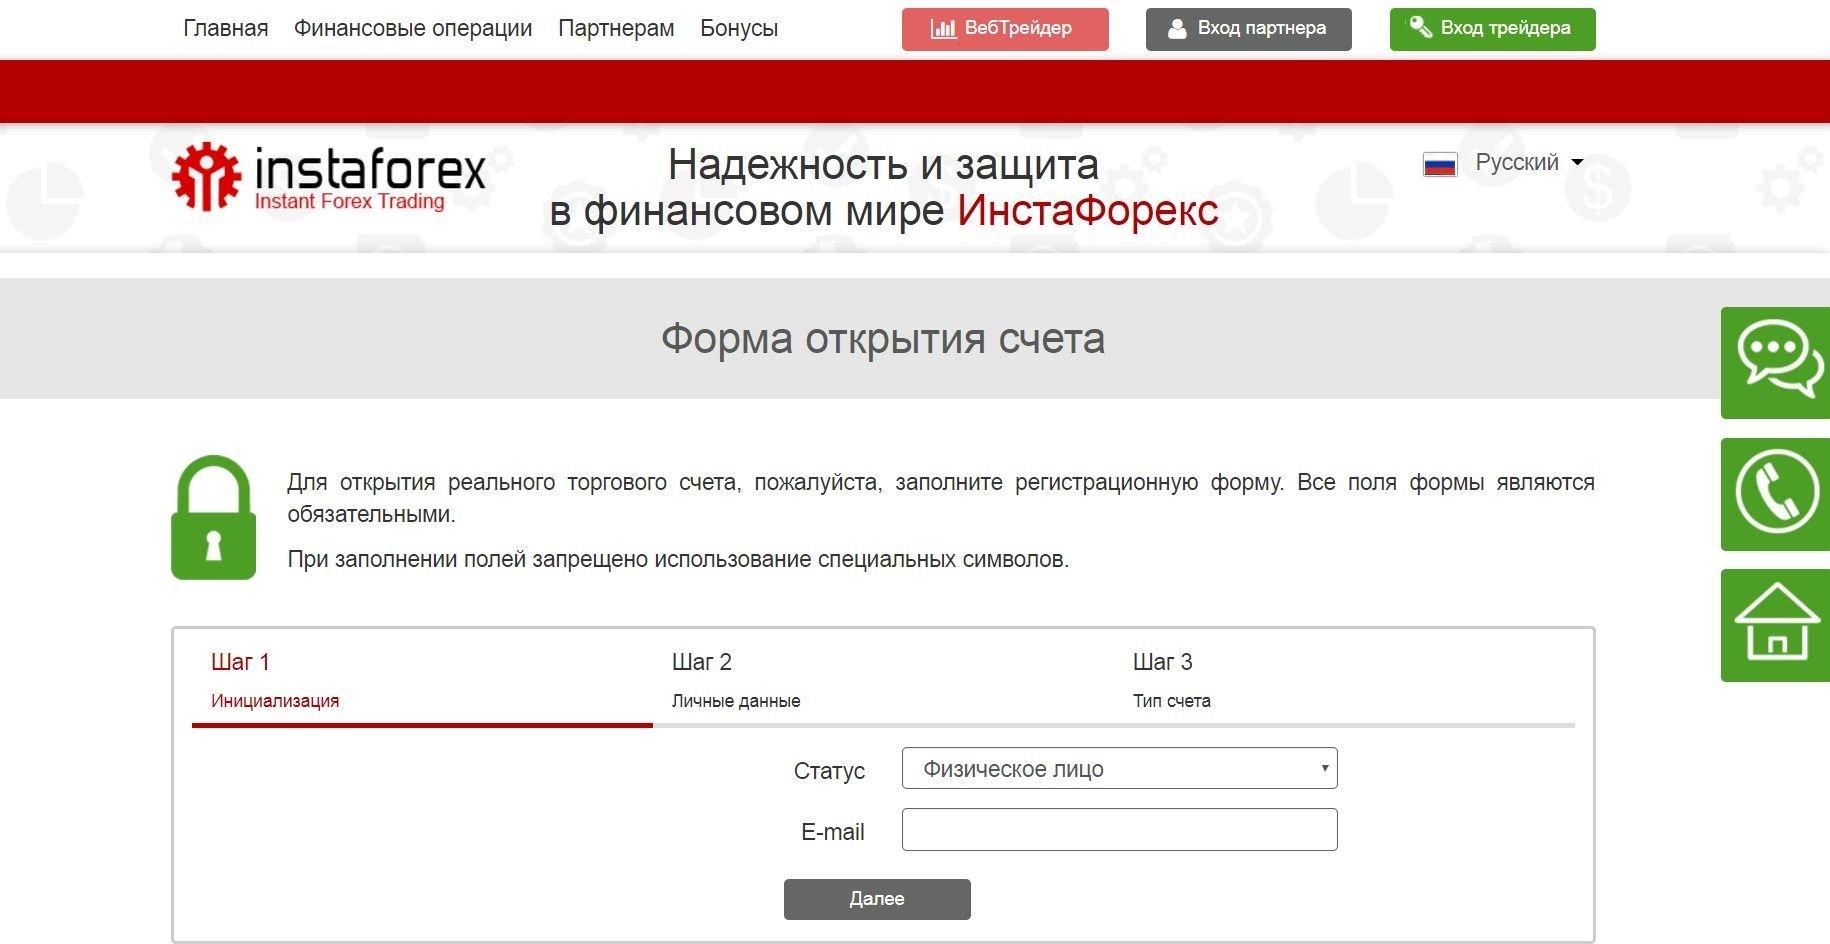 Открытие торгового счета на инстафорекс о фундаментальном анализе форекс